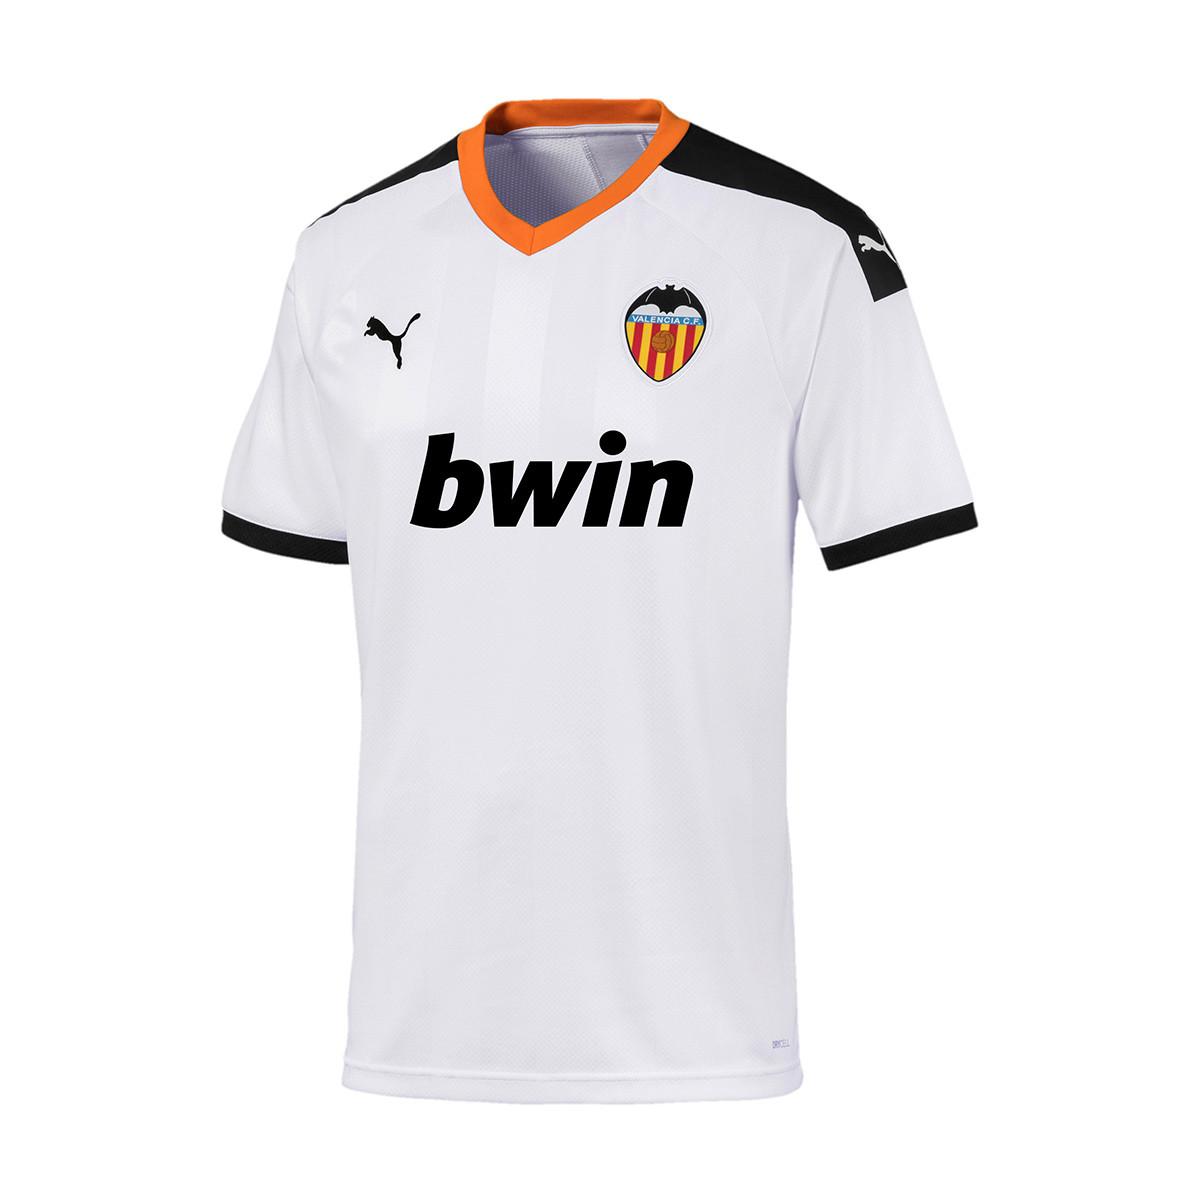 b6981392a Jersey Puma Valencia CF Primera Equipación 2019-2020 Puma white-Puma  black-Vibrant orange - Tienda de fútbol Fútbol Emotion